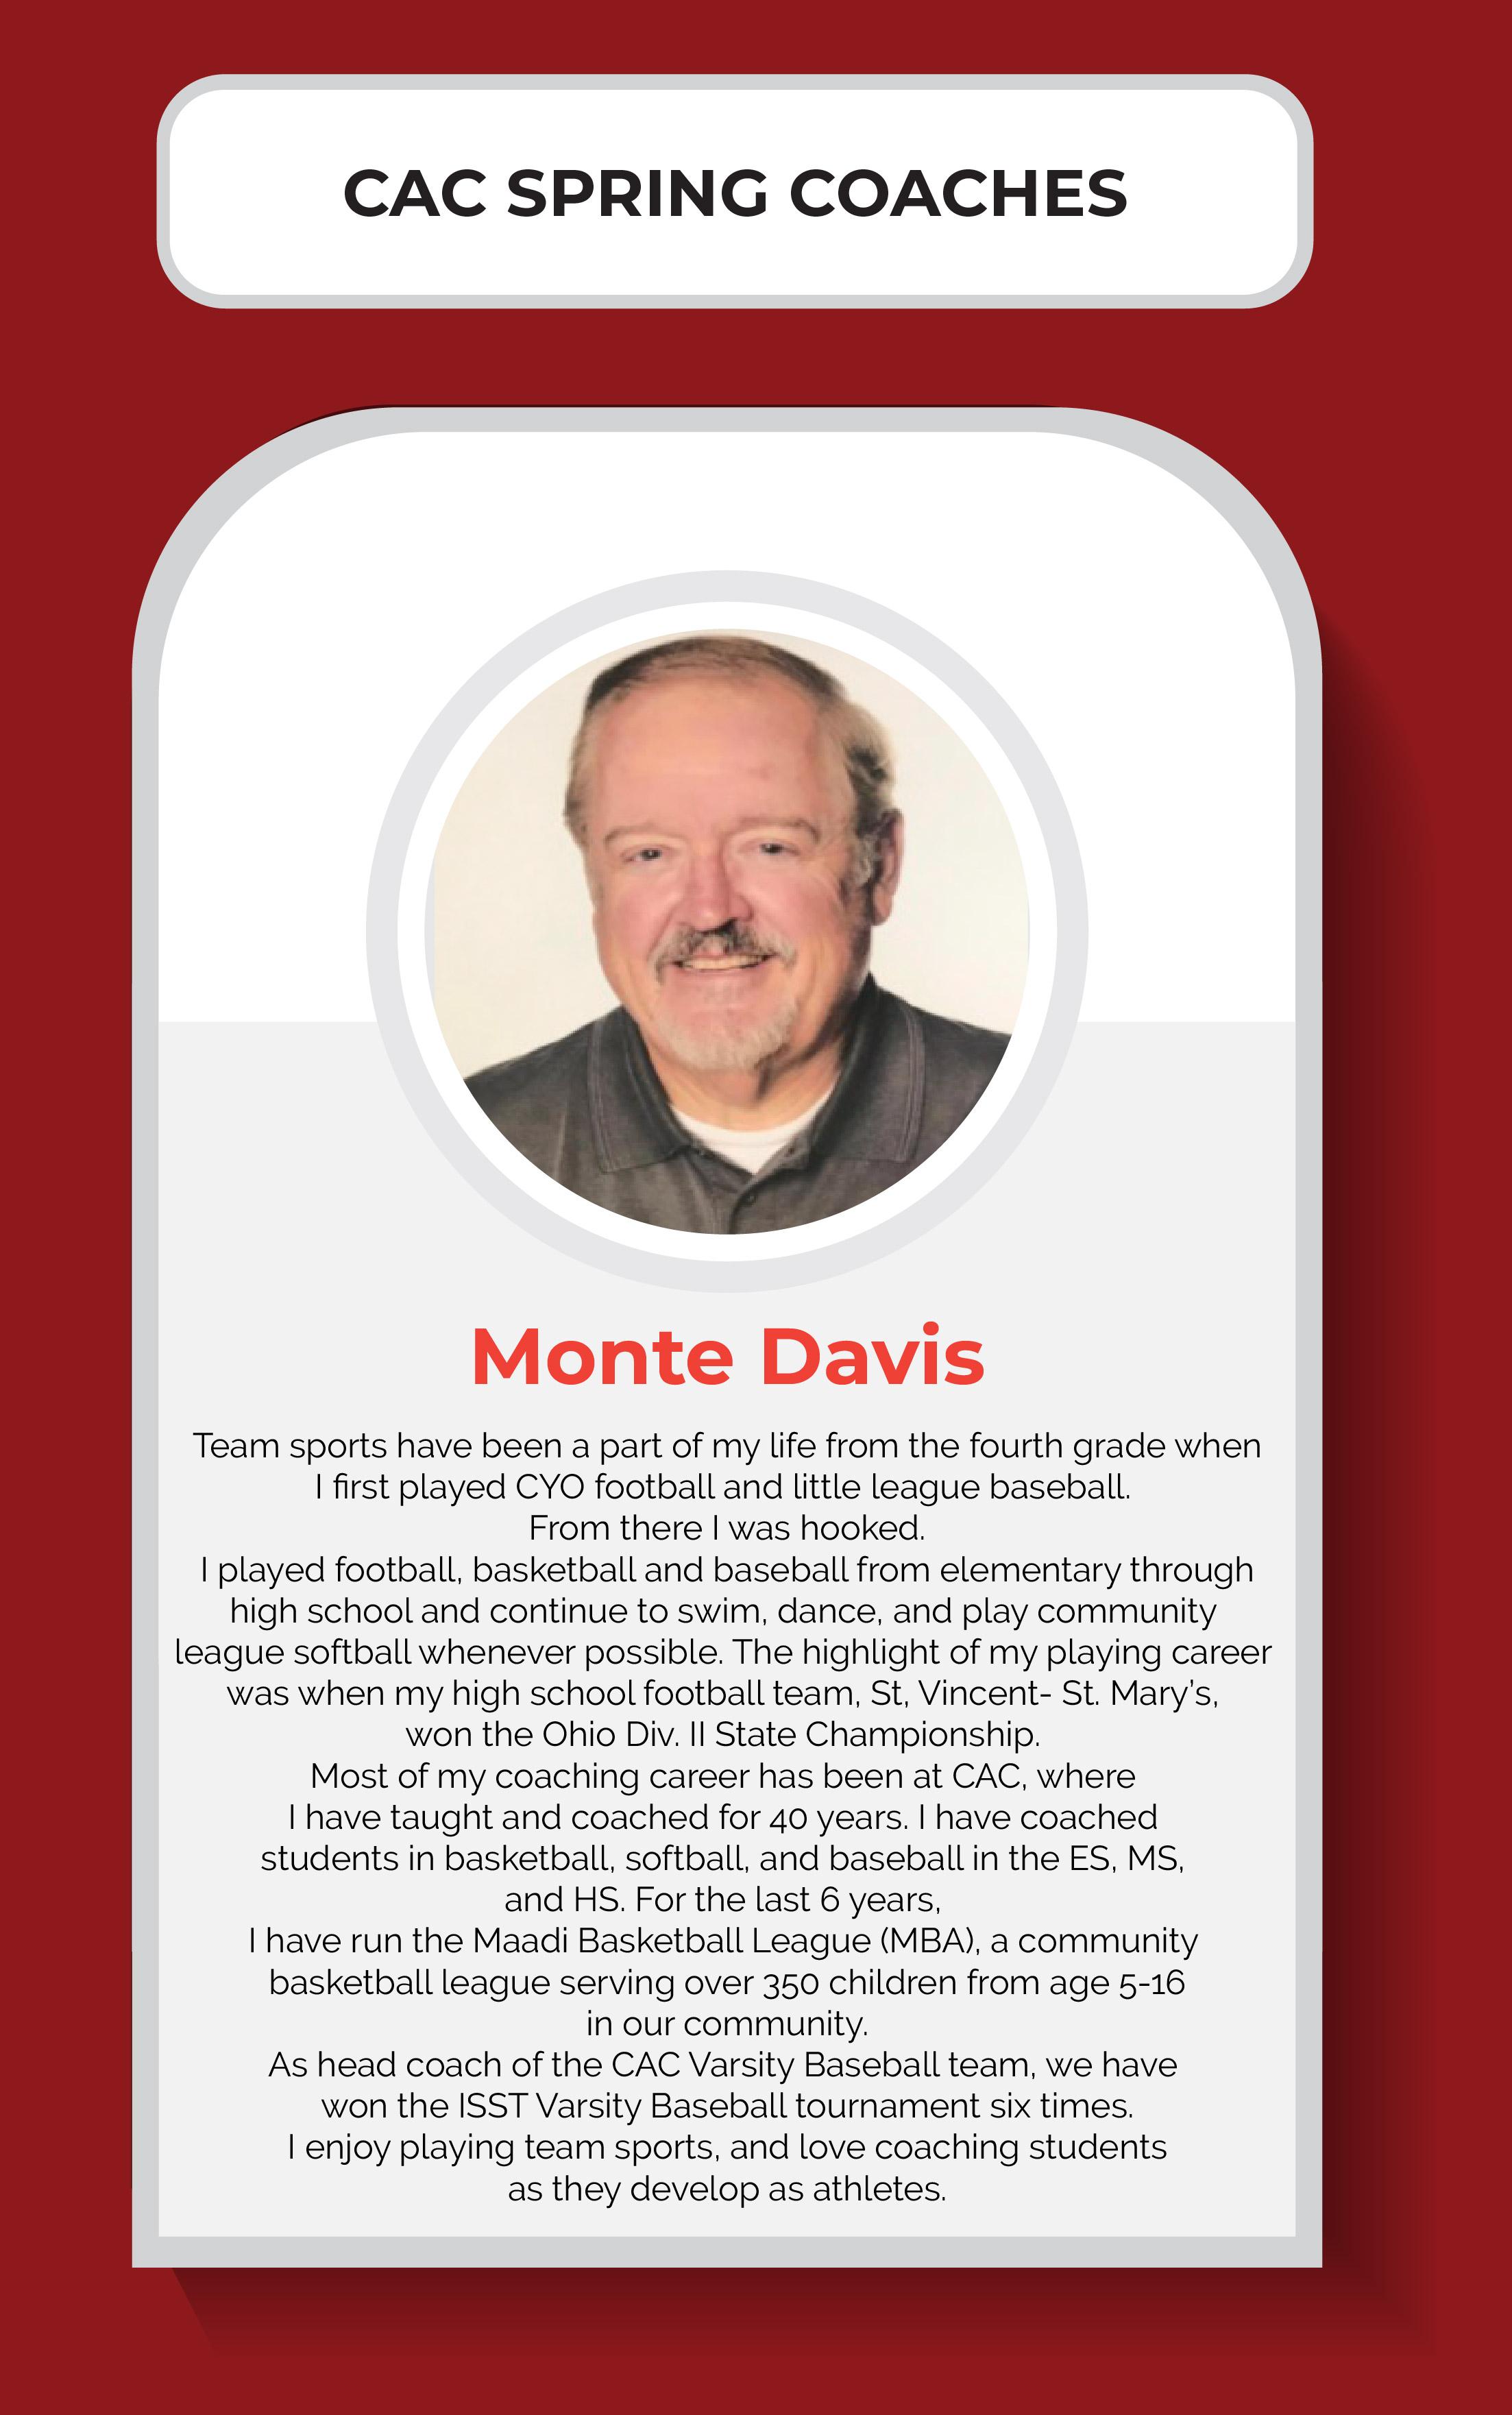 MonteDavis-01